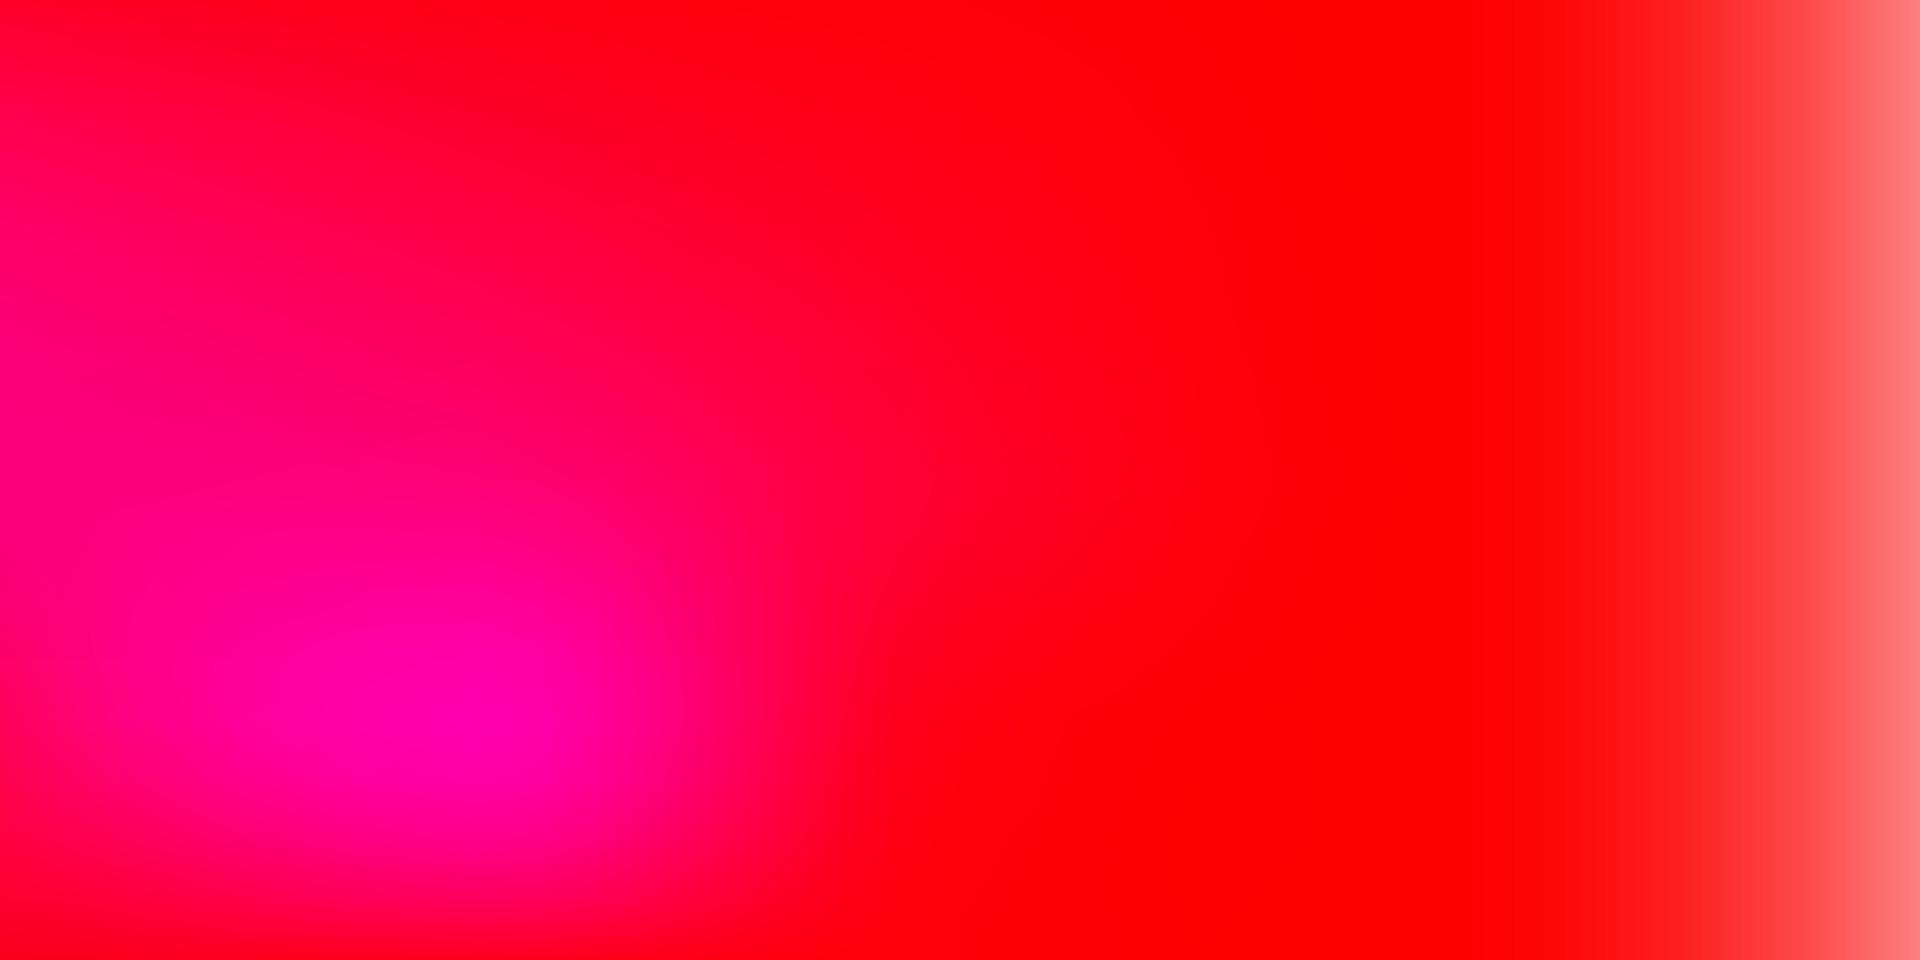 lichtroze, rood vector verloop vervagen sjabloon.